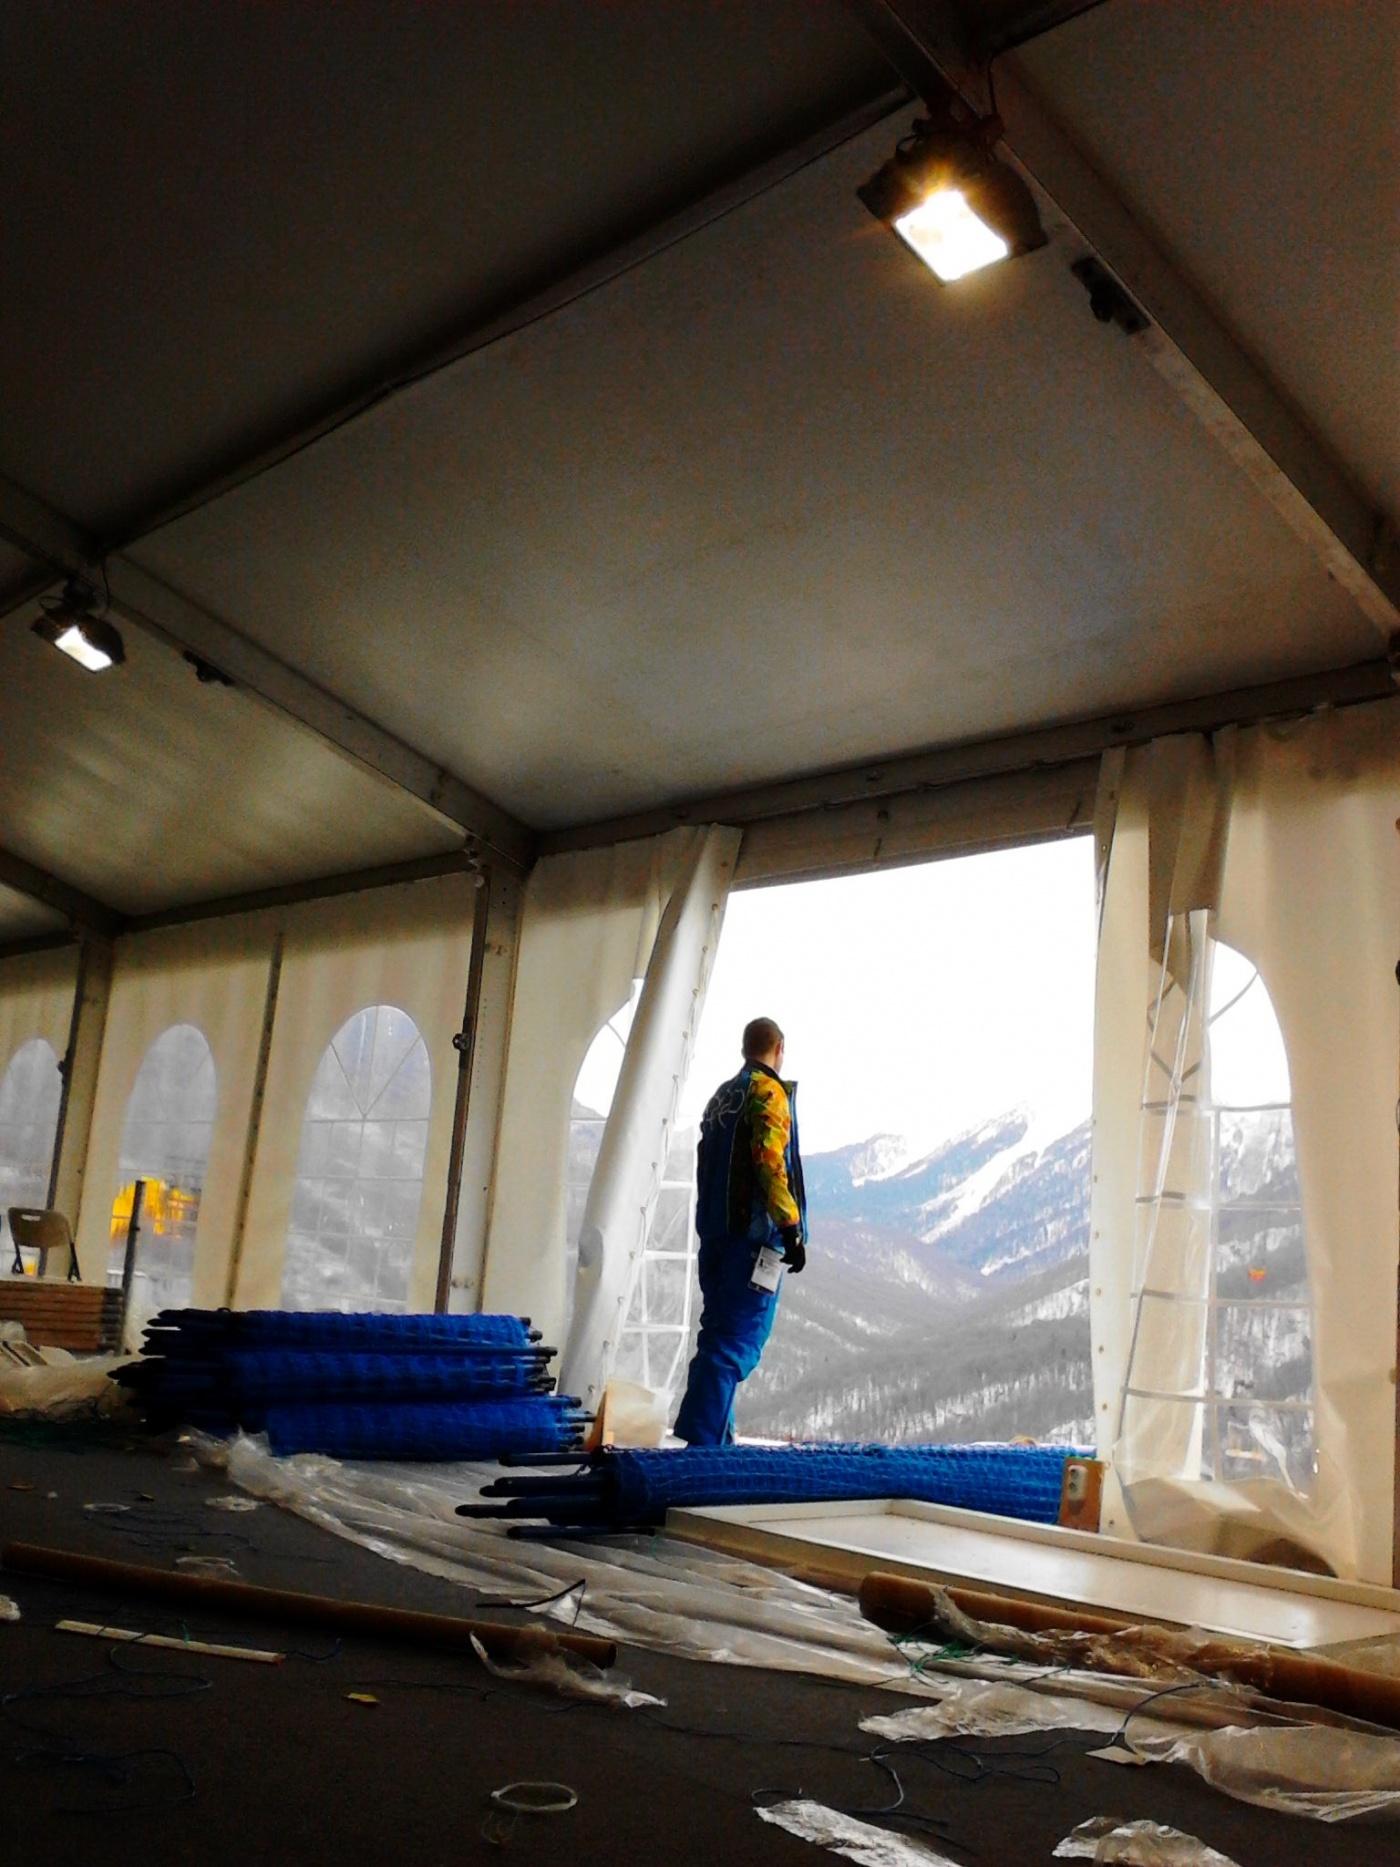 В шатре сняли часть стены, чтобы погрузить на автомобиль готовые сетки и подвезти ближе к местам установки.